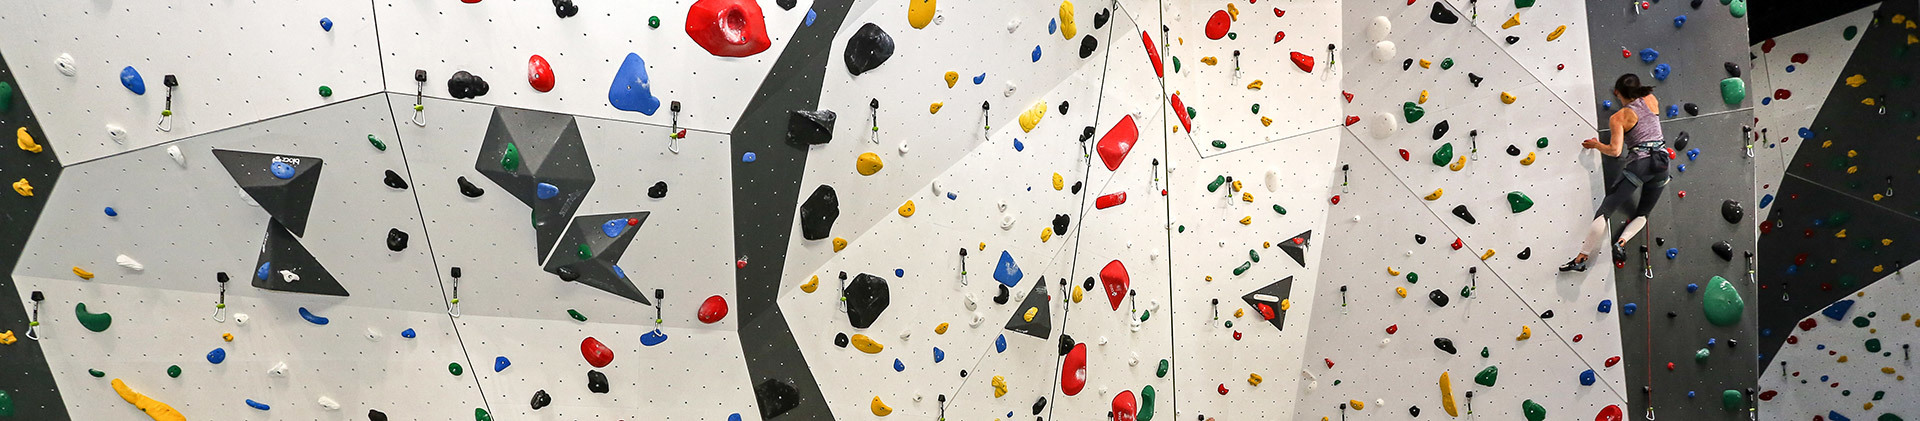 Kletterin-Kletterwand